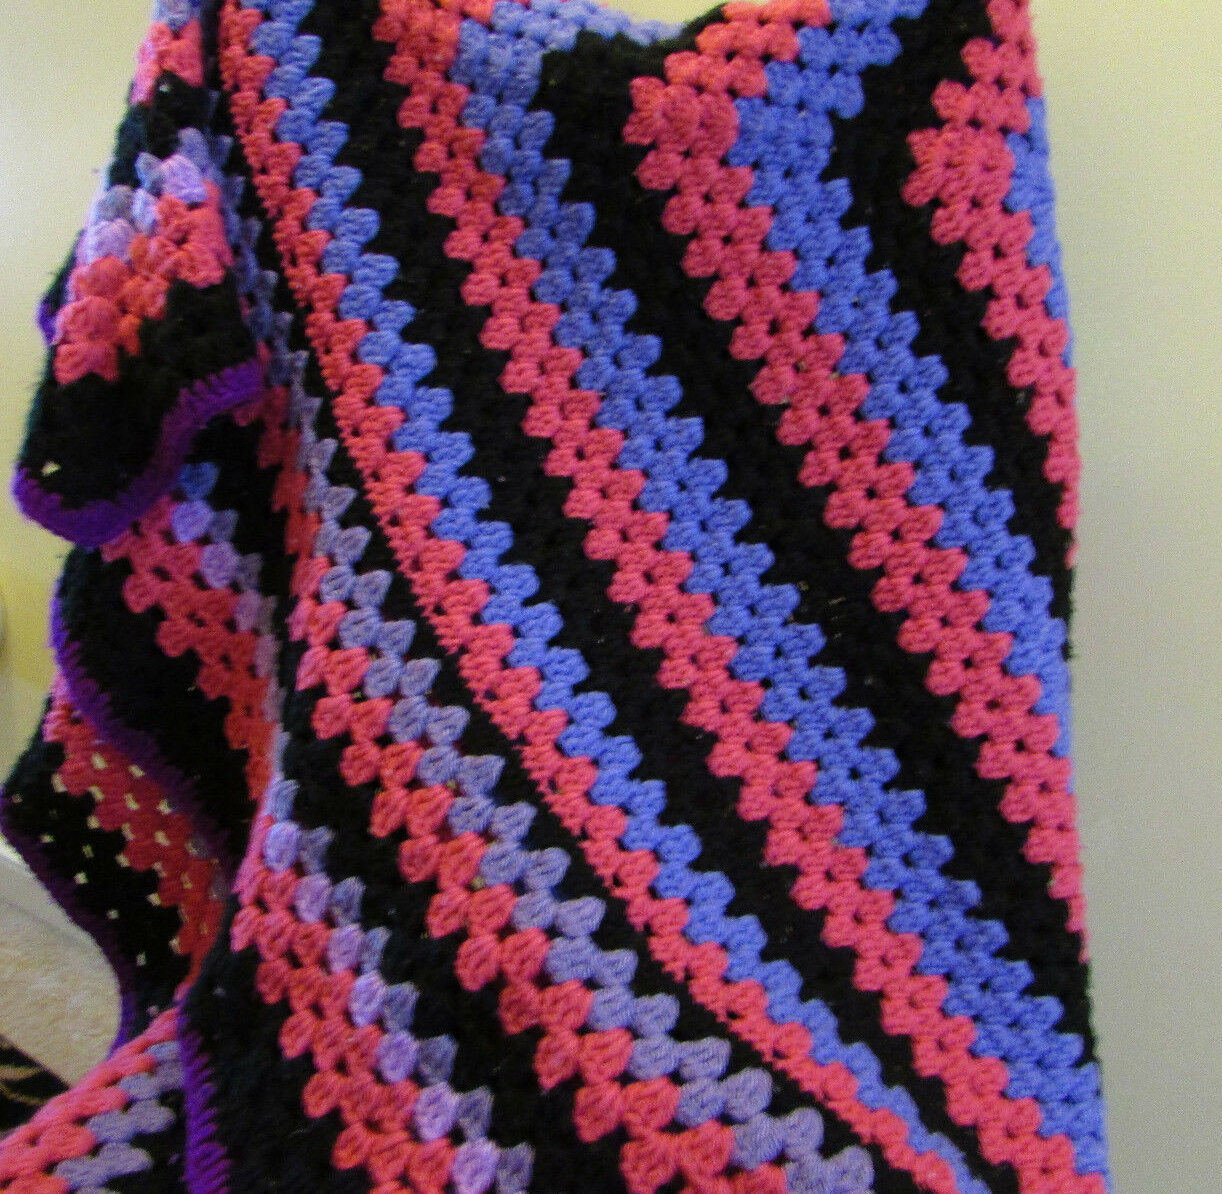 Vintage Tejida A Mano afgano Manta Cobertor MultiColor 50 X 50